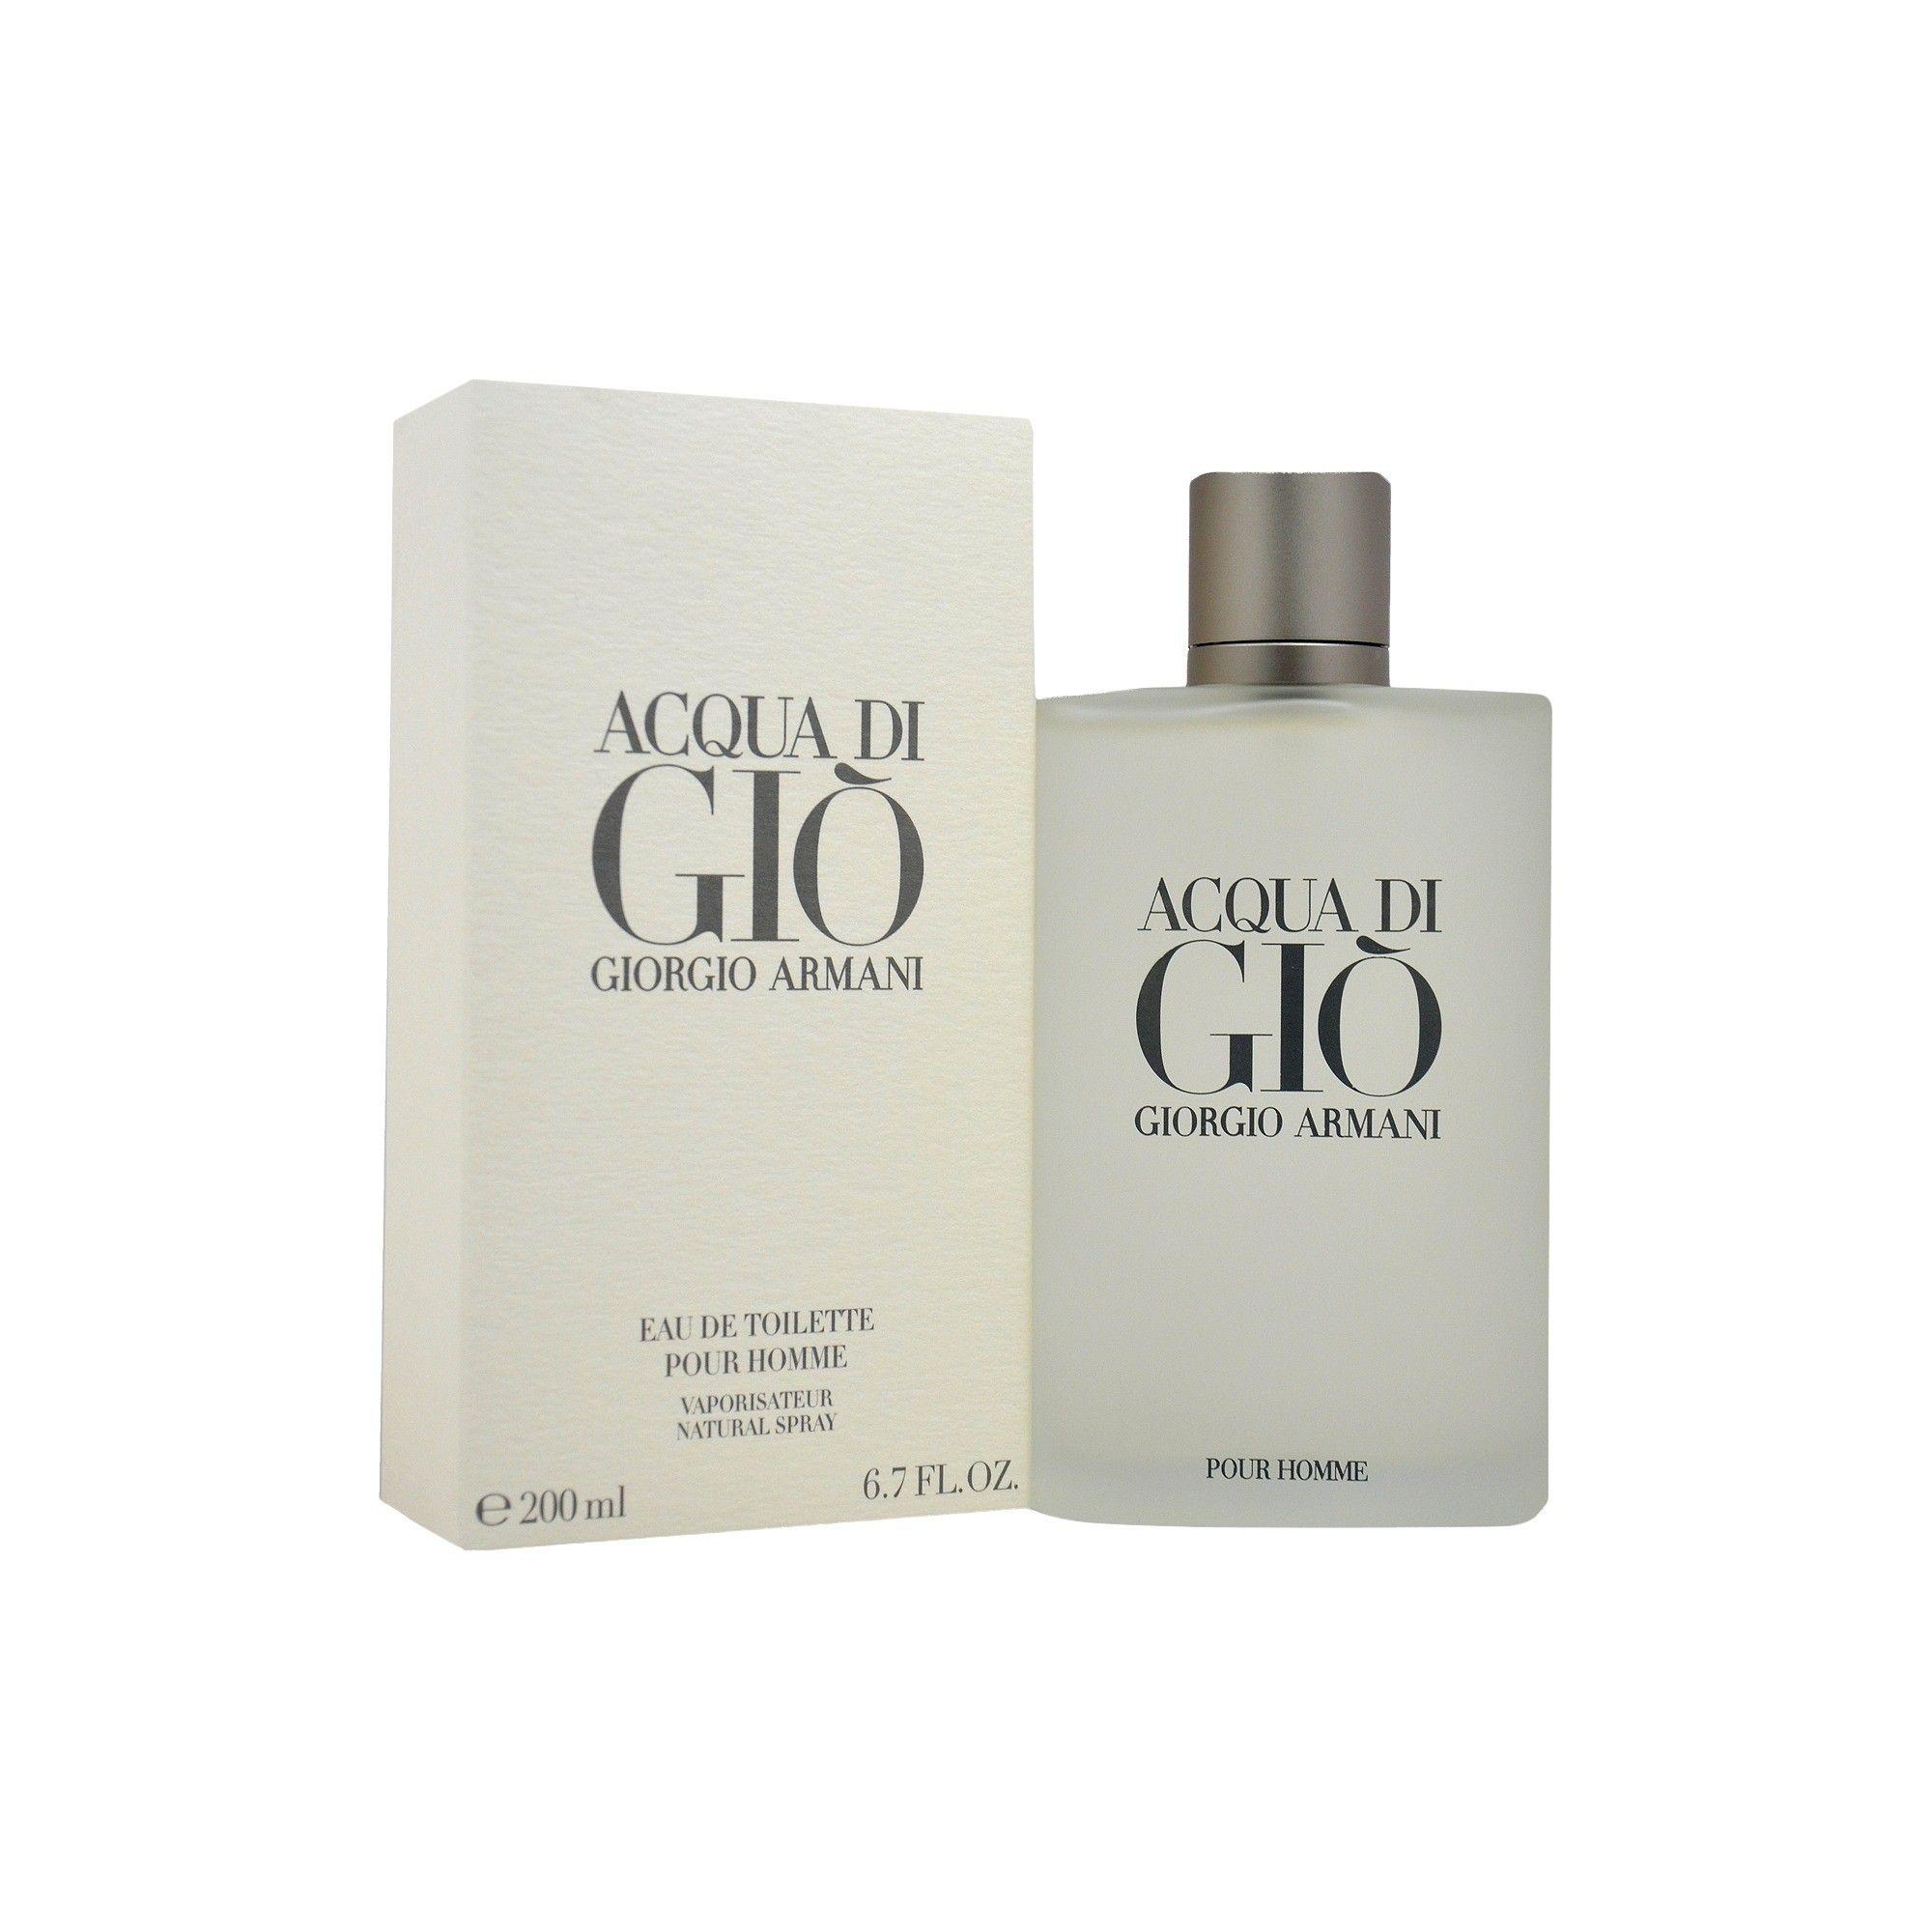 Acqua Di Gio By Giorgio Armani Eau De Toilette Mens Spray Cologne